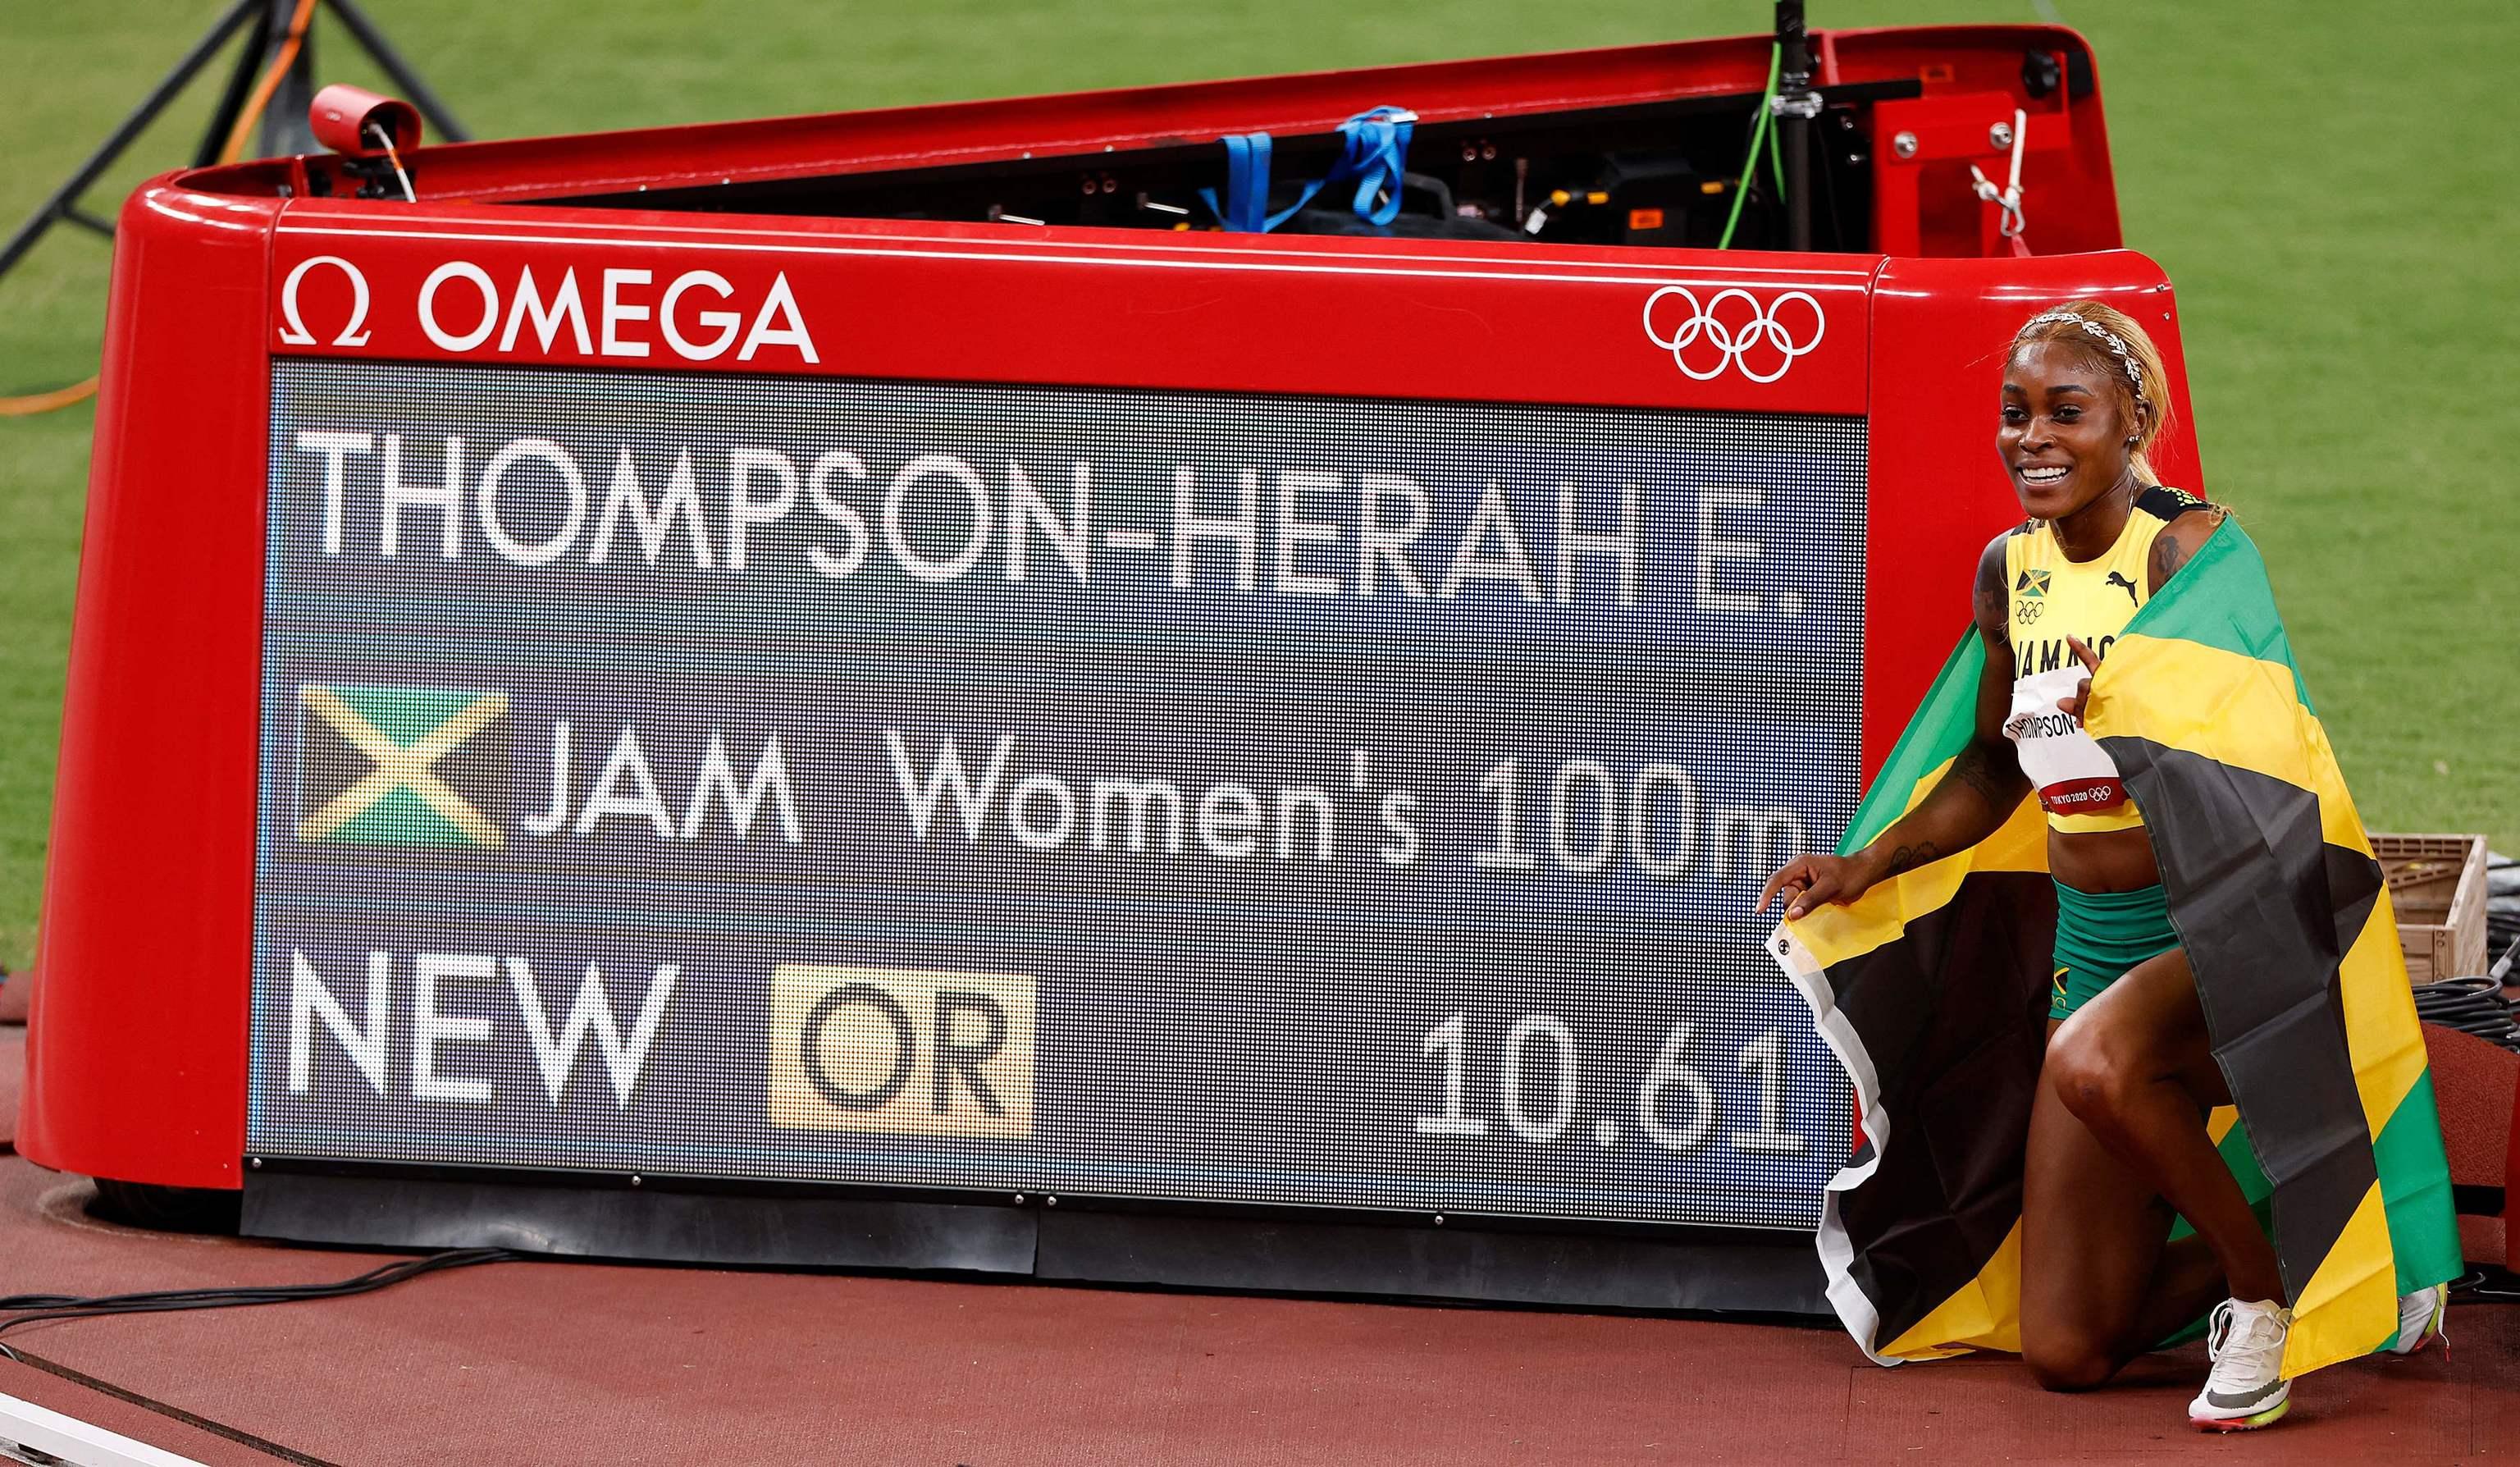 Elaine Thompson-Herah - atletismo - Juegos Olímpicos 2021 - Tokio 2020